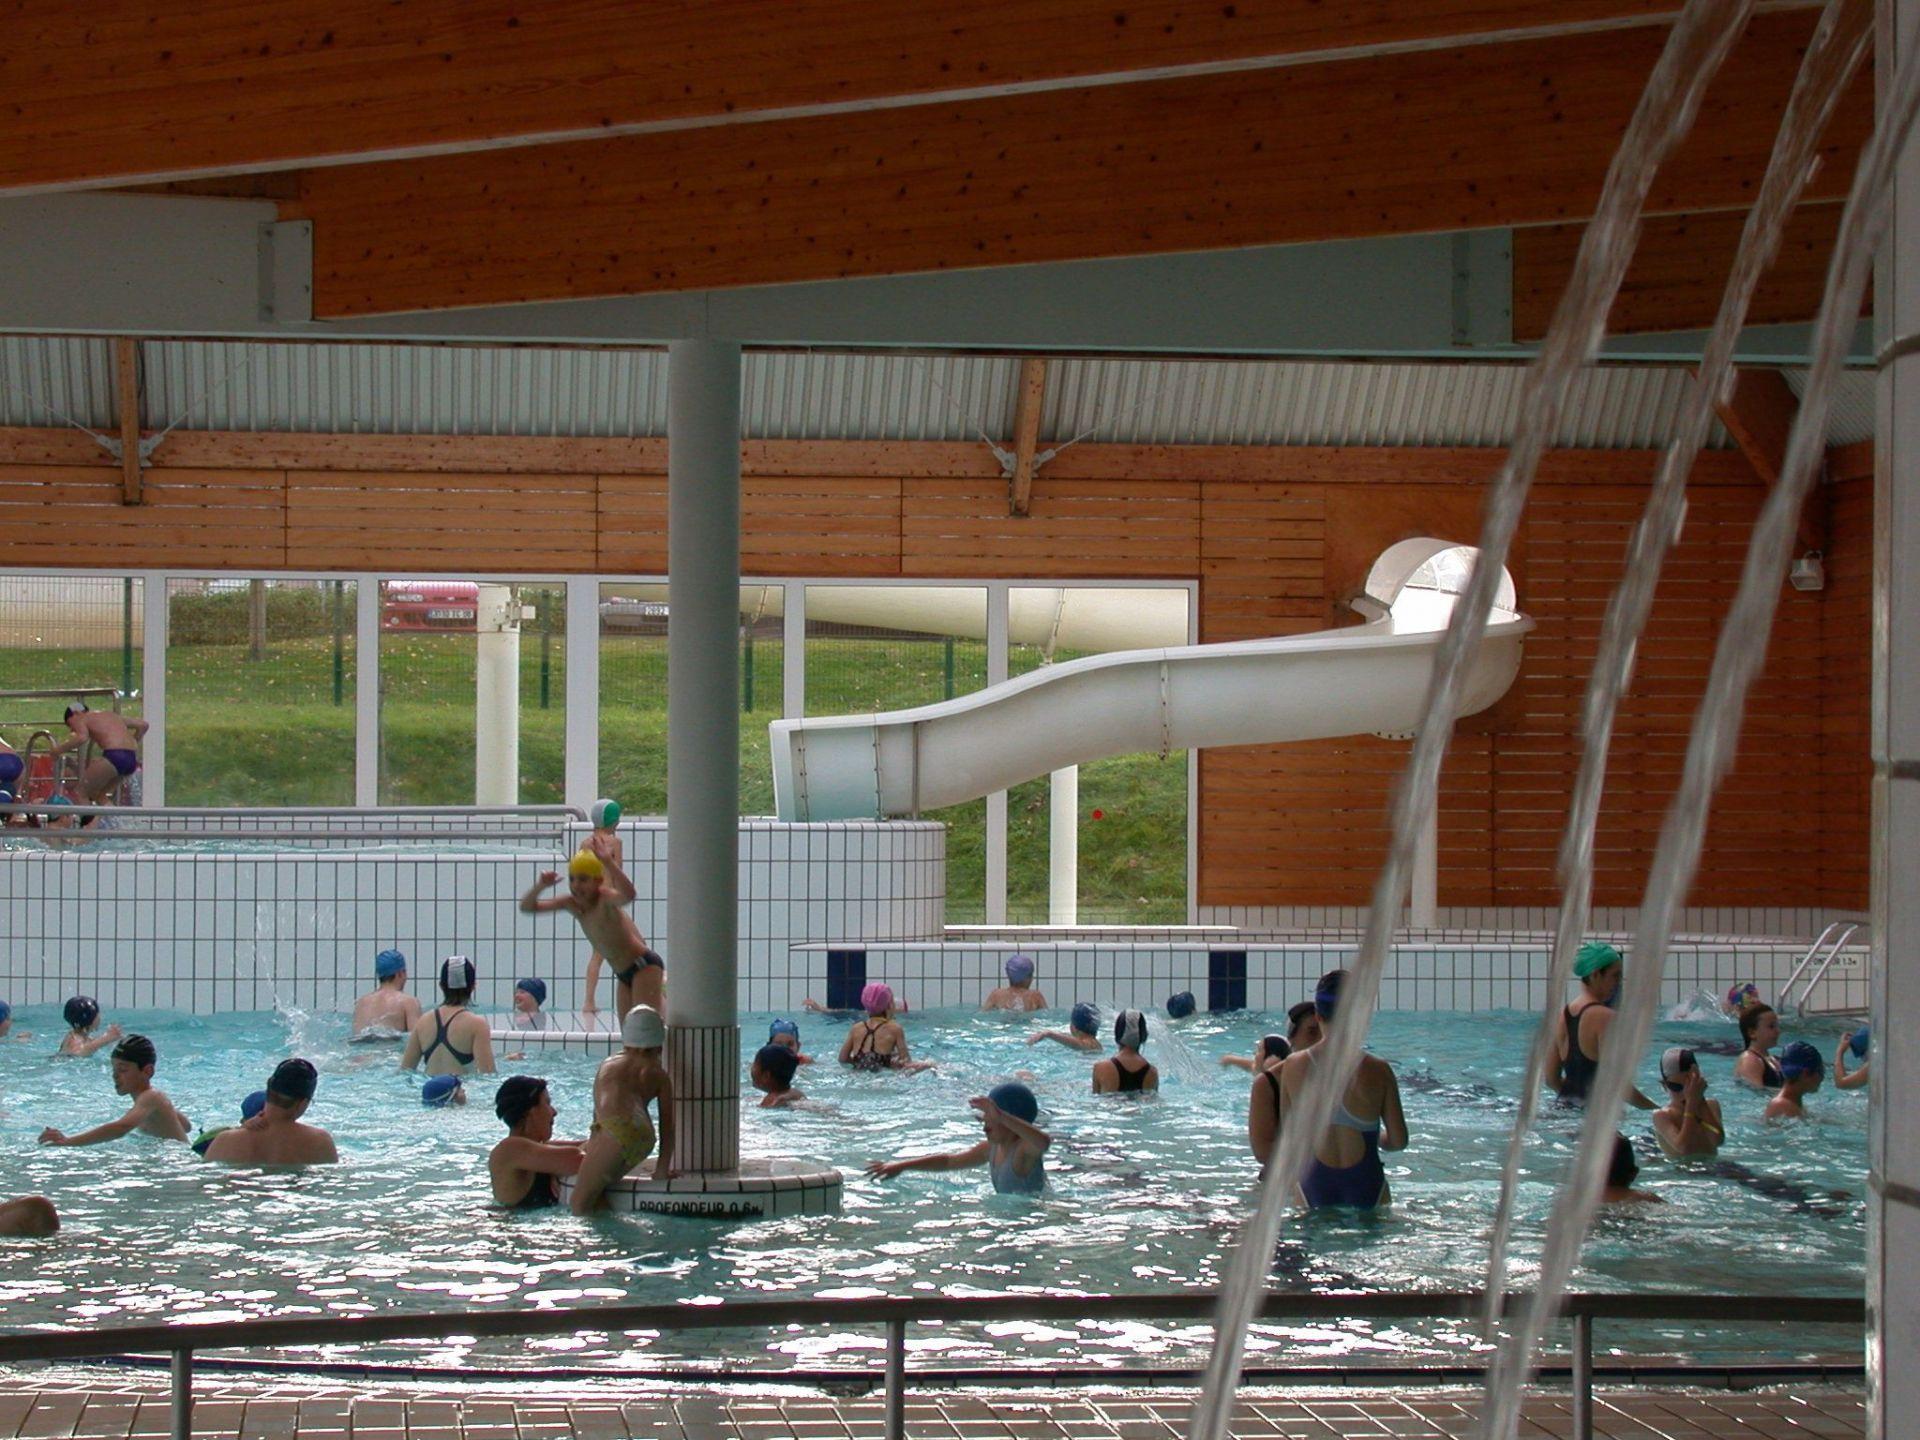 La piscine olympique lorraine tourisme - Piscine olympique quetigny ...